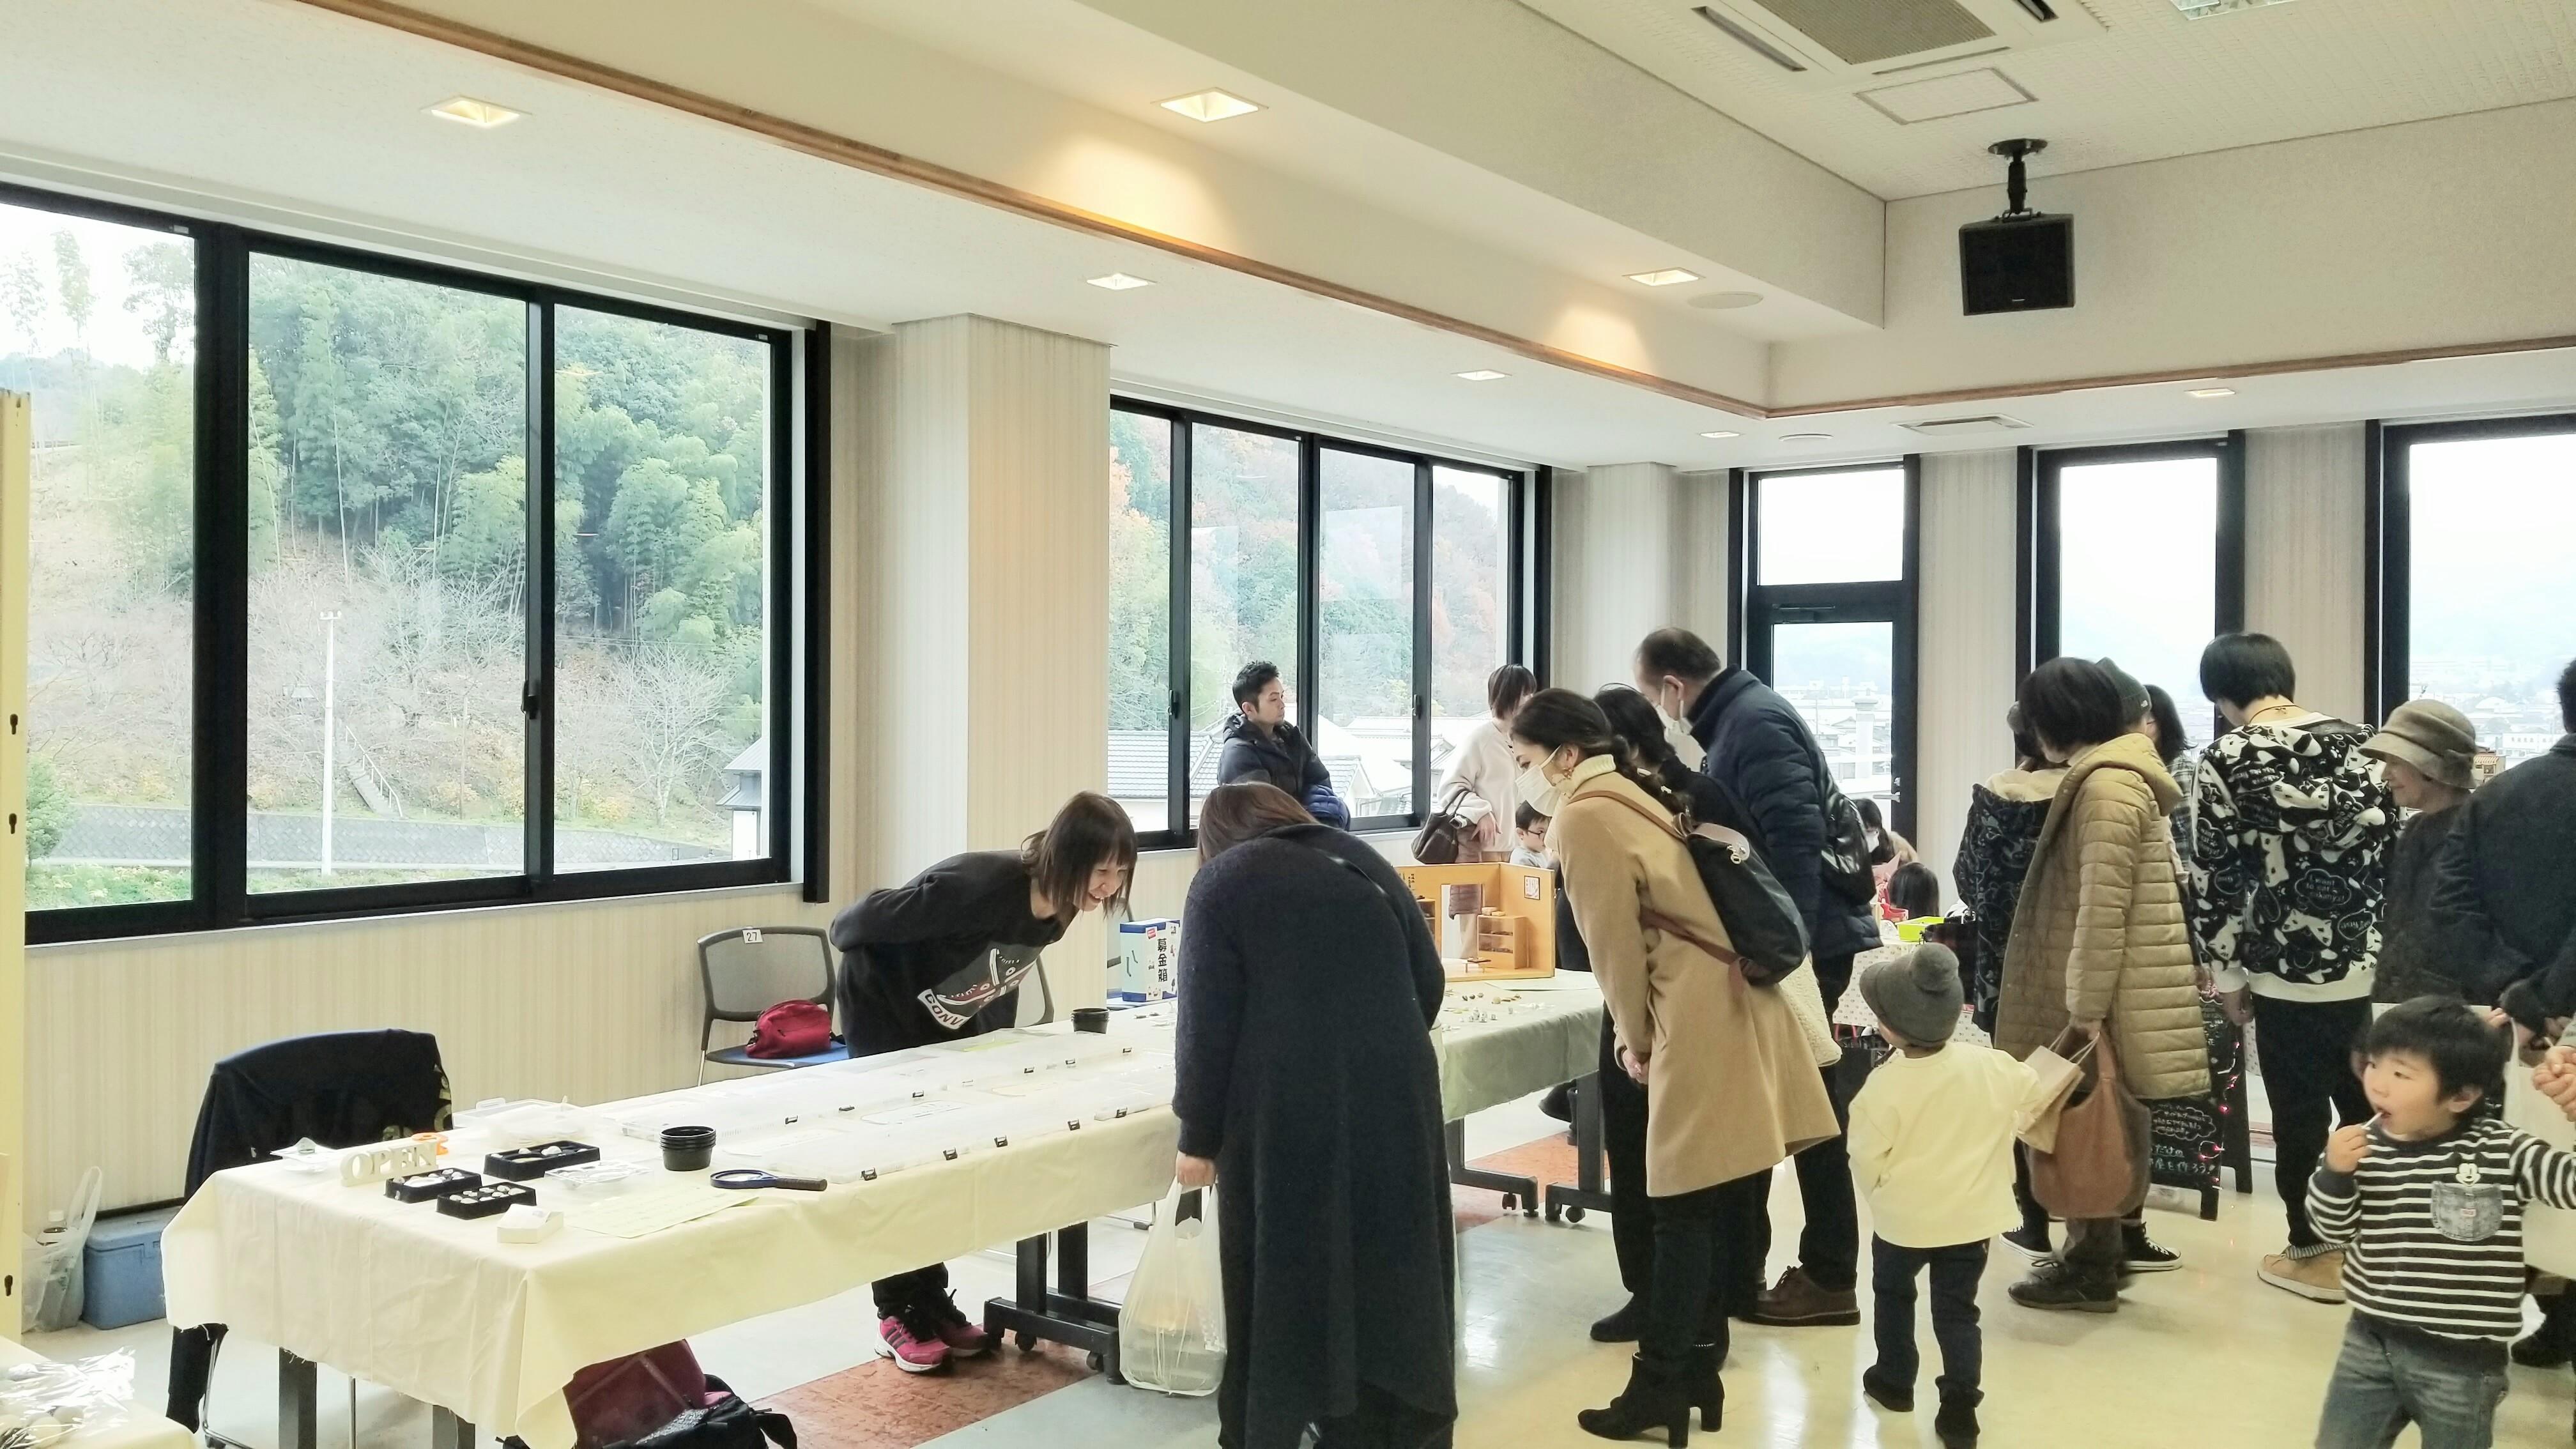 愛媛県松山市砥部町文化会館ハンドメイドクラフトマーケットイベント